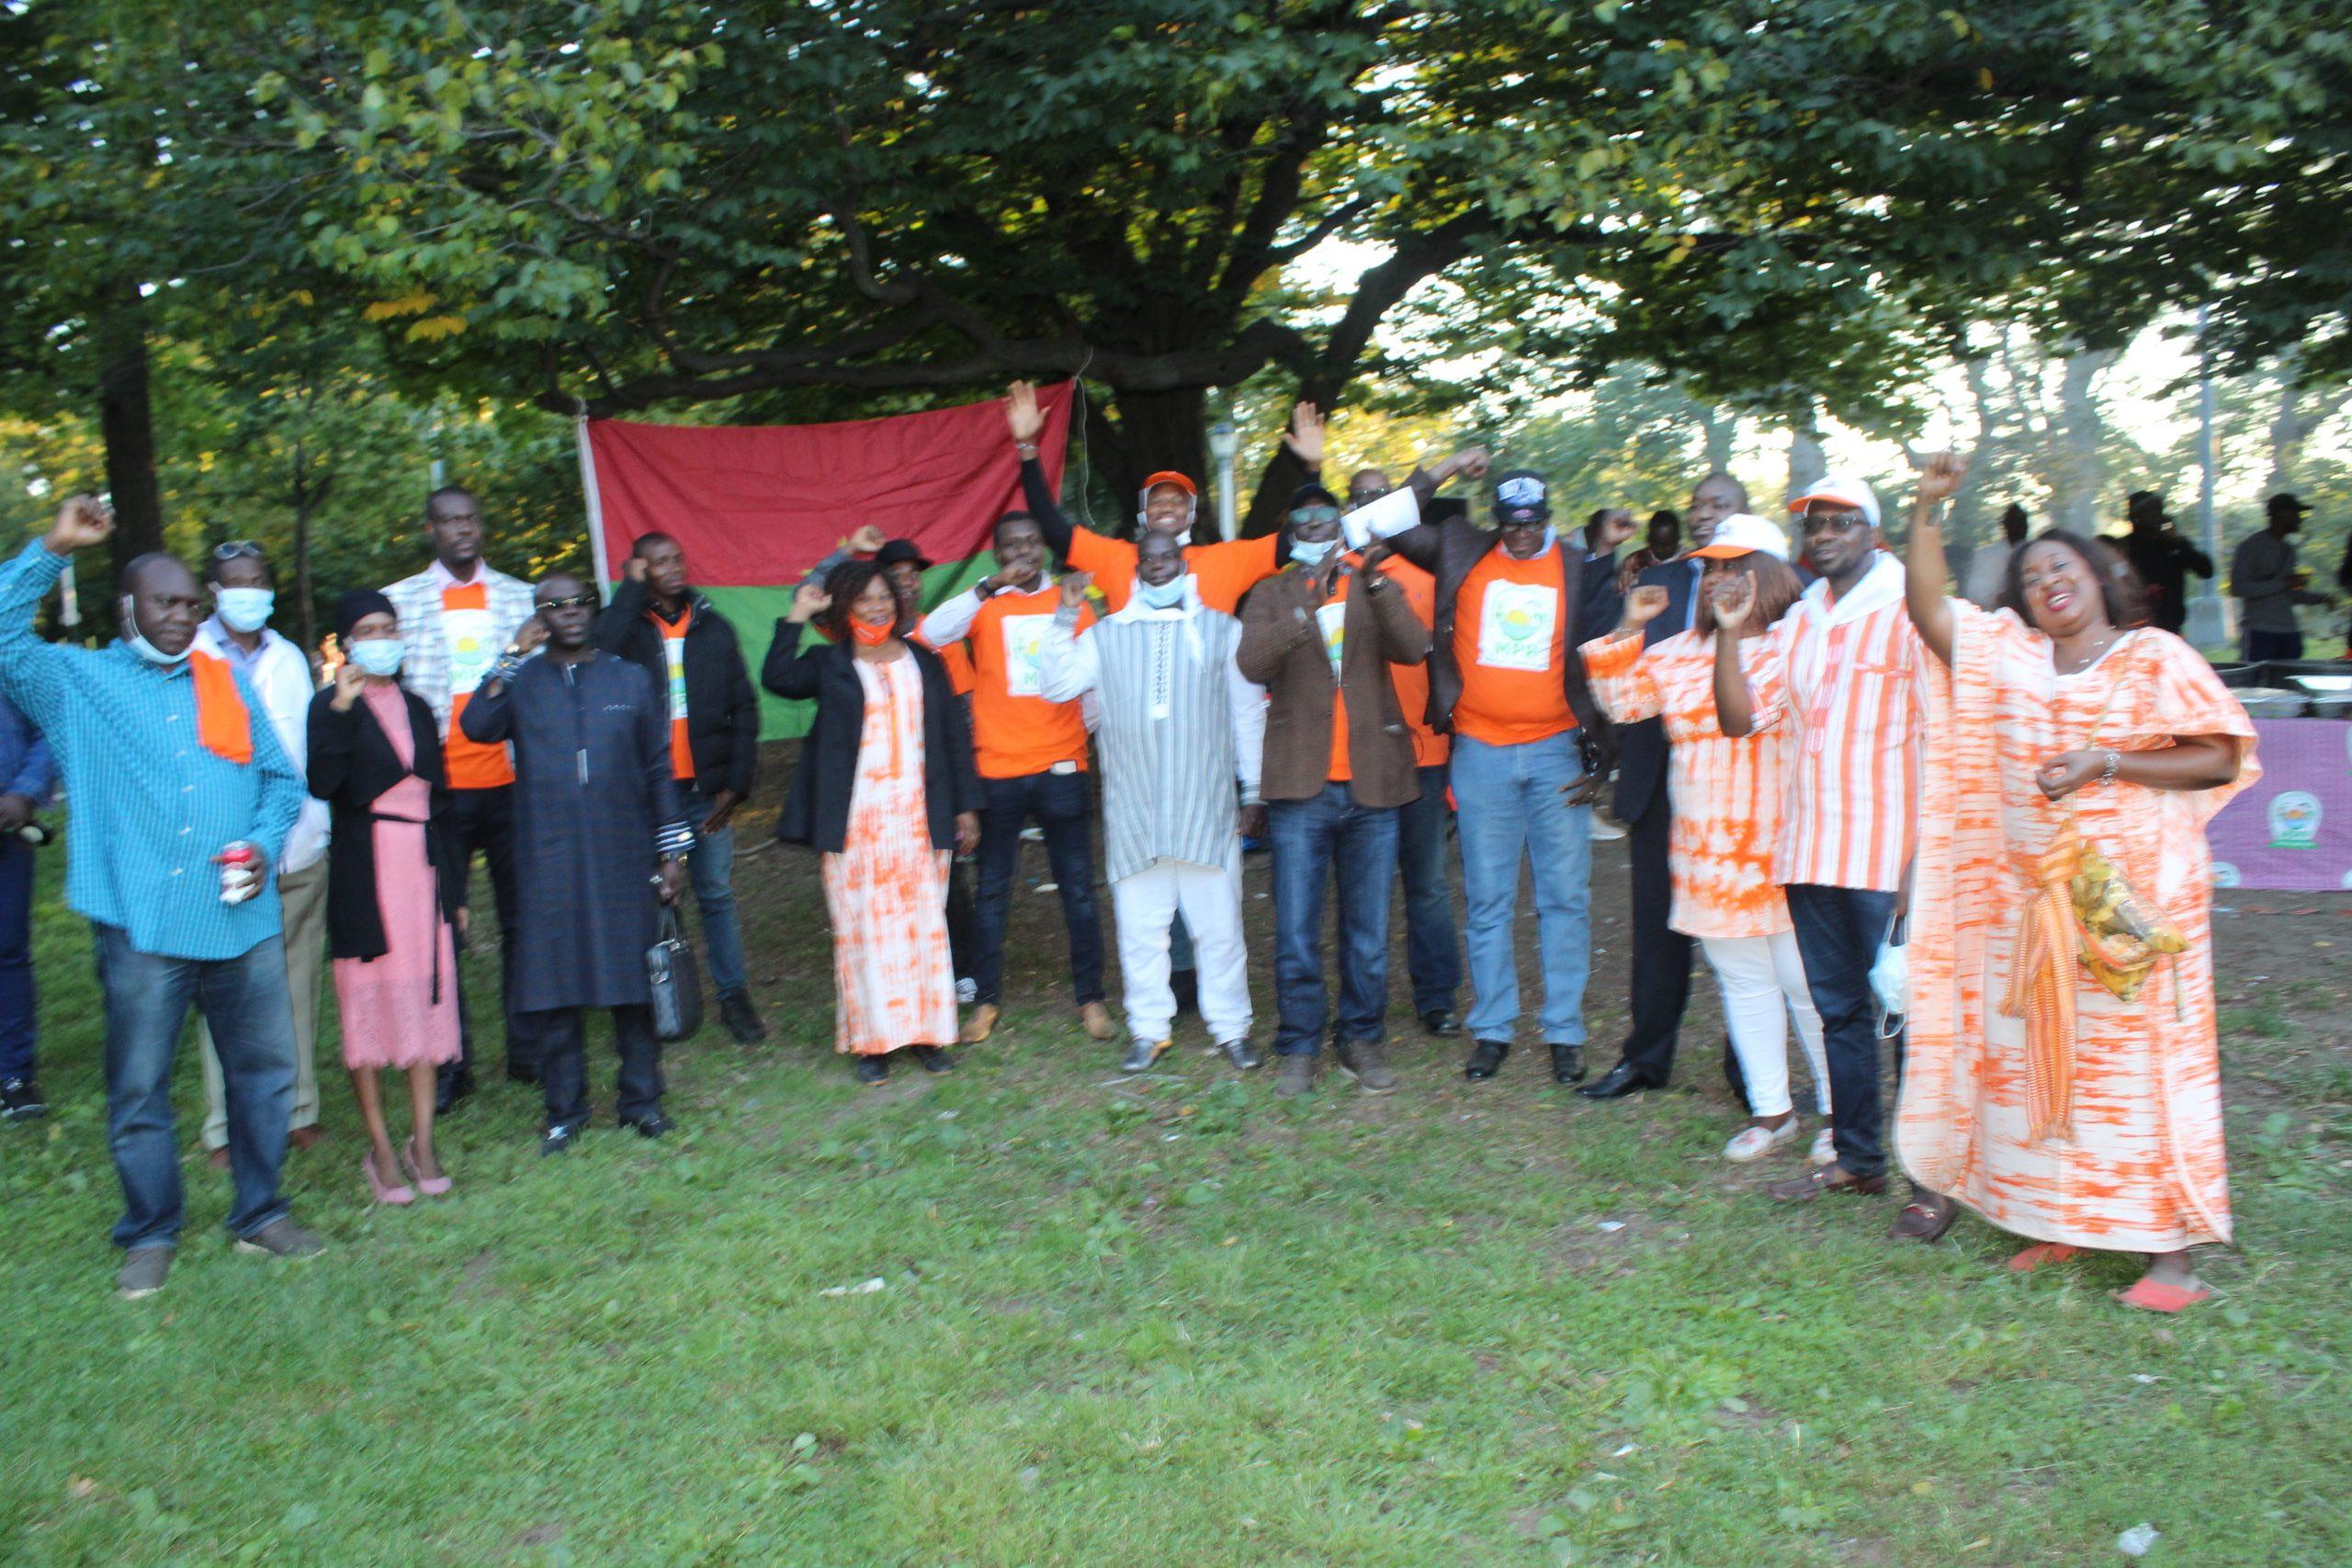 New York: Autour d'un barbecue, le MPP appelle à voter pour le président Kaboré